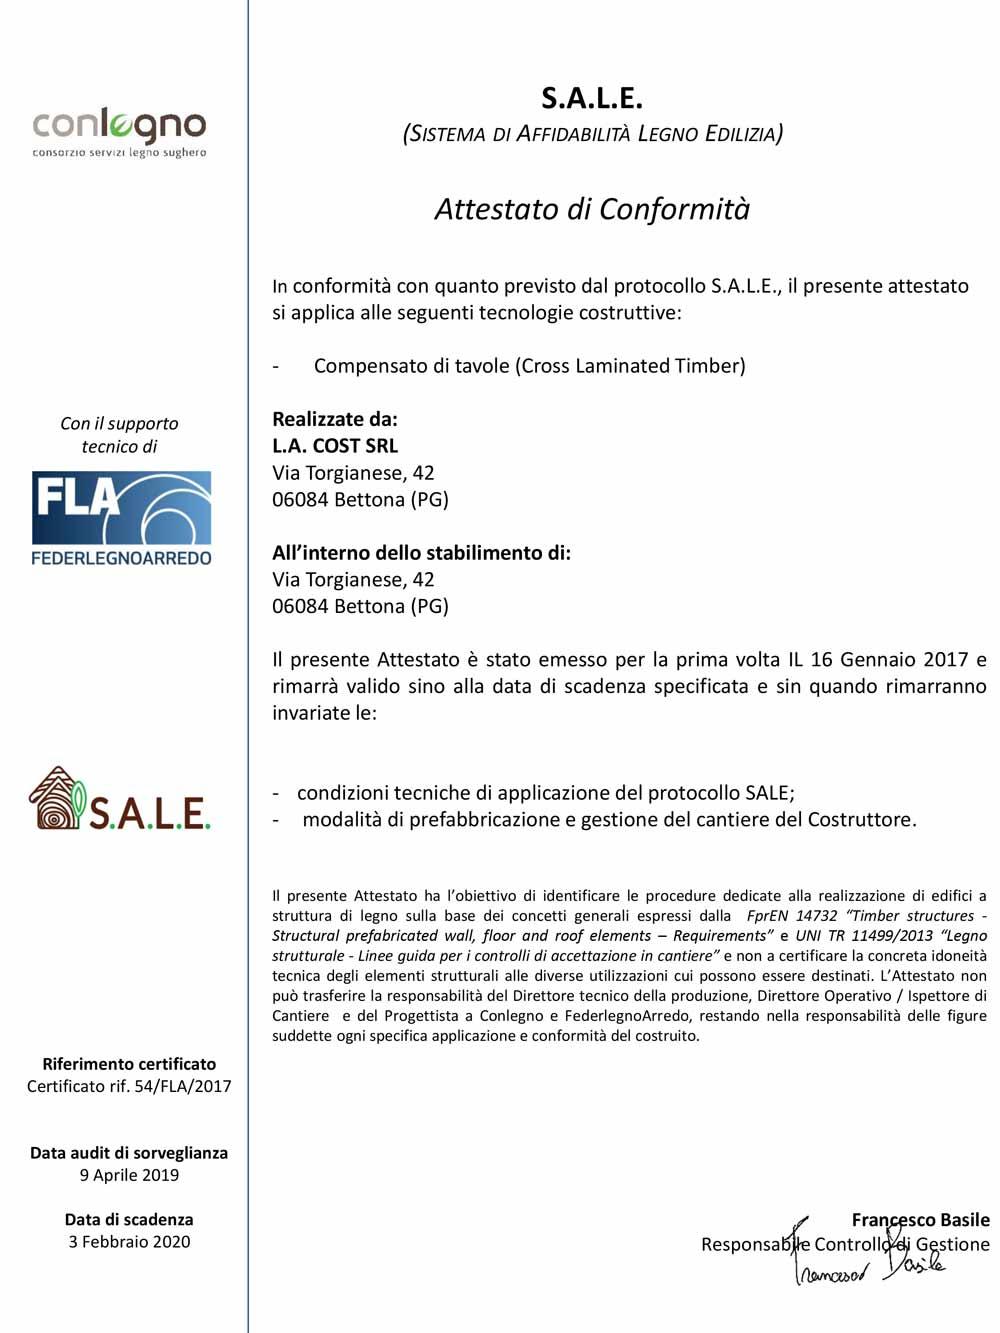 certificato_protocollo_sale_costantini_2019